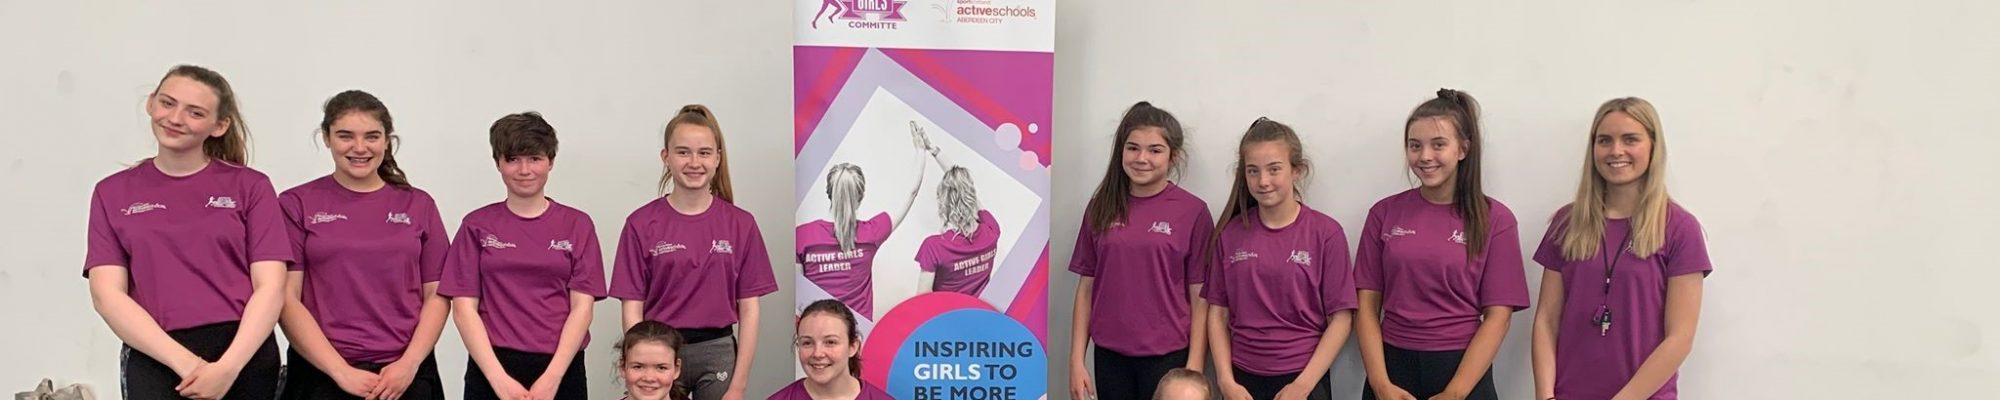 Active Girls Committee